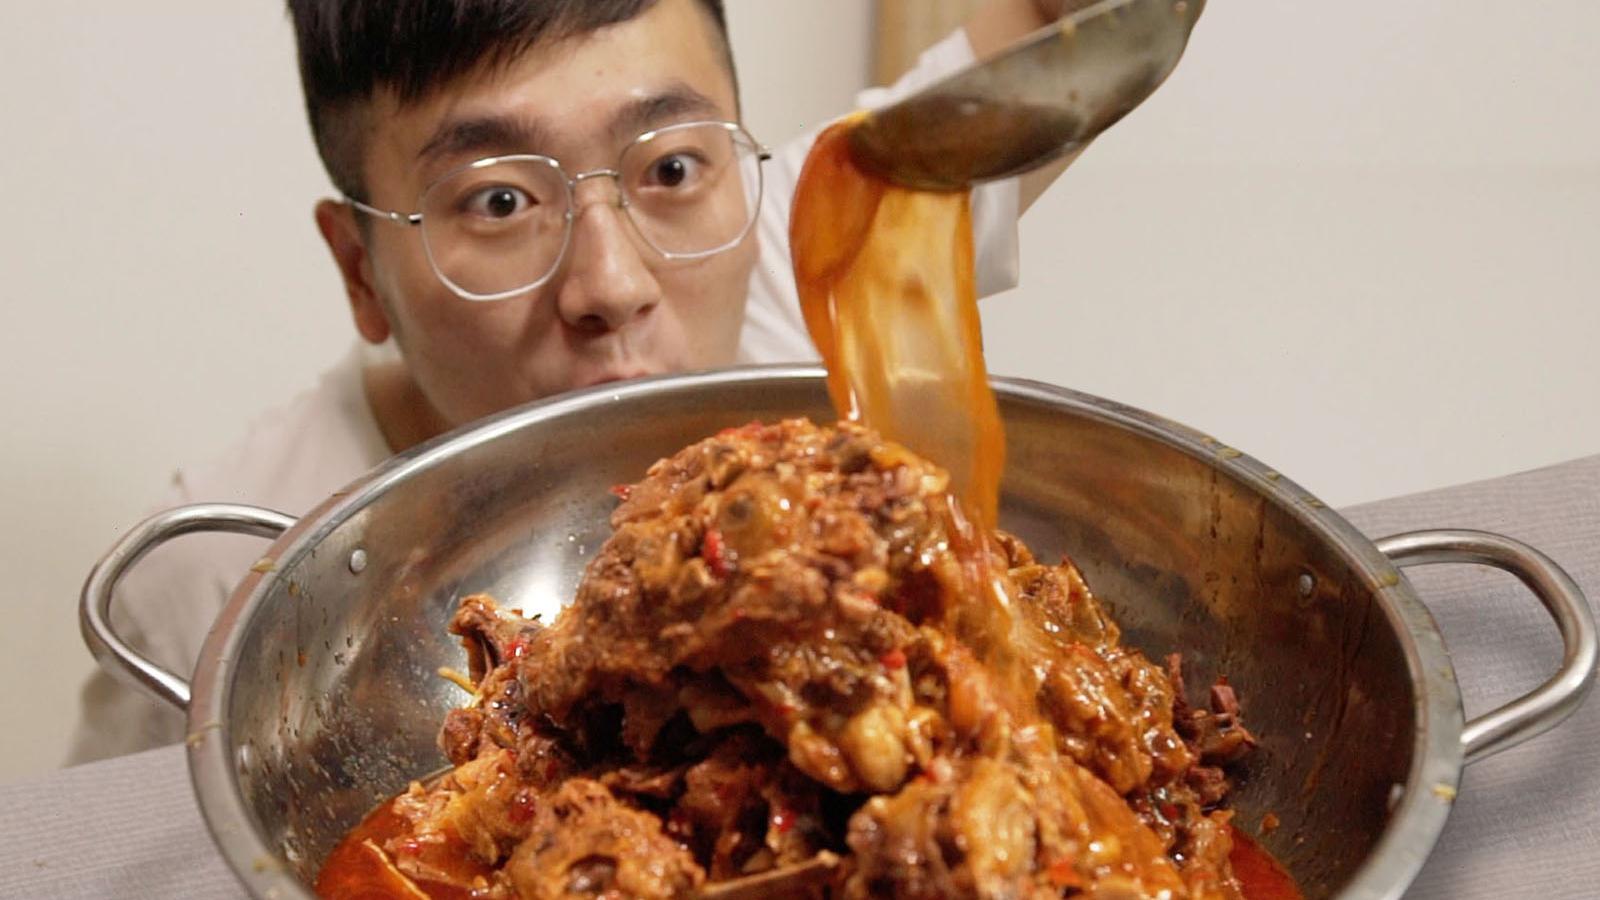 丧尽天良!弟弟吃10斤羊蝎子,哥哥只能吃豆腐?【深夜饿人】